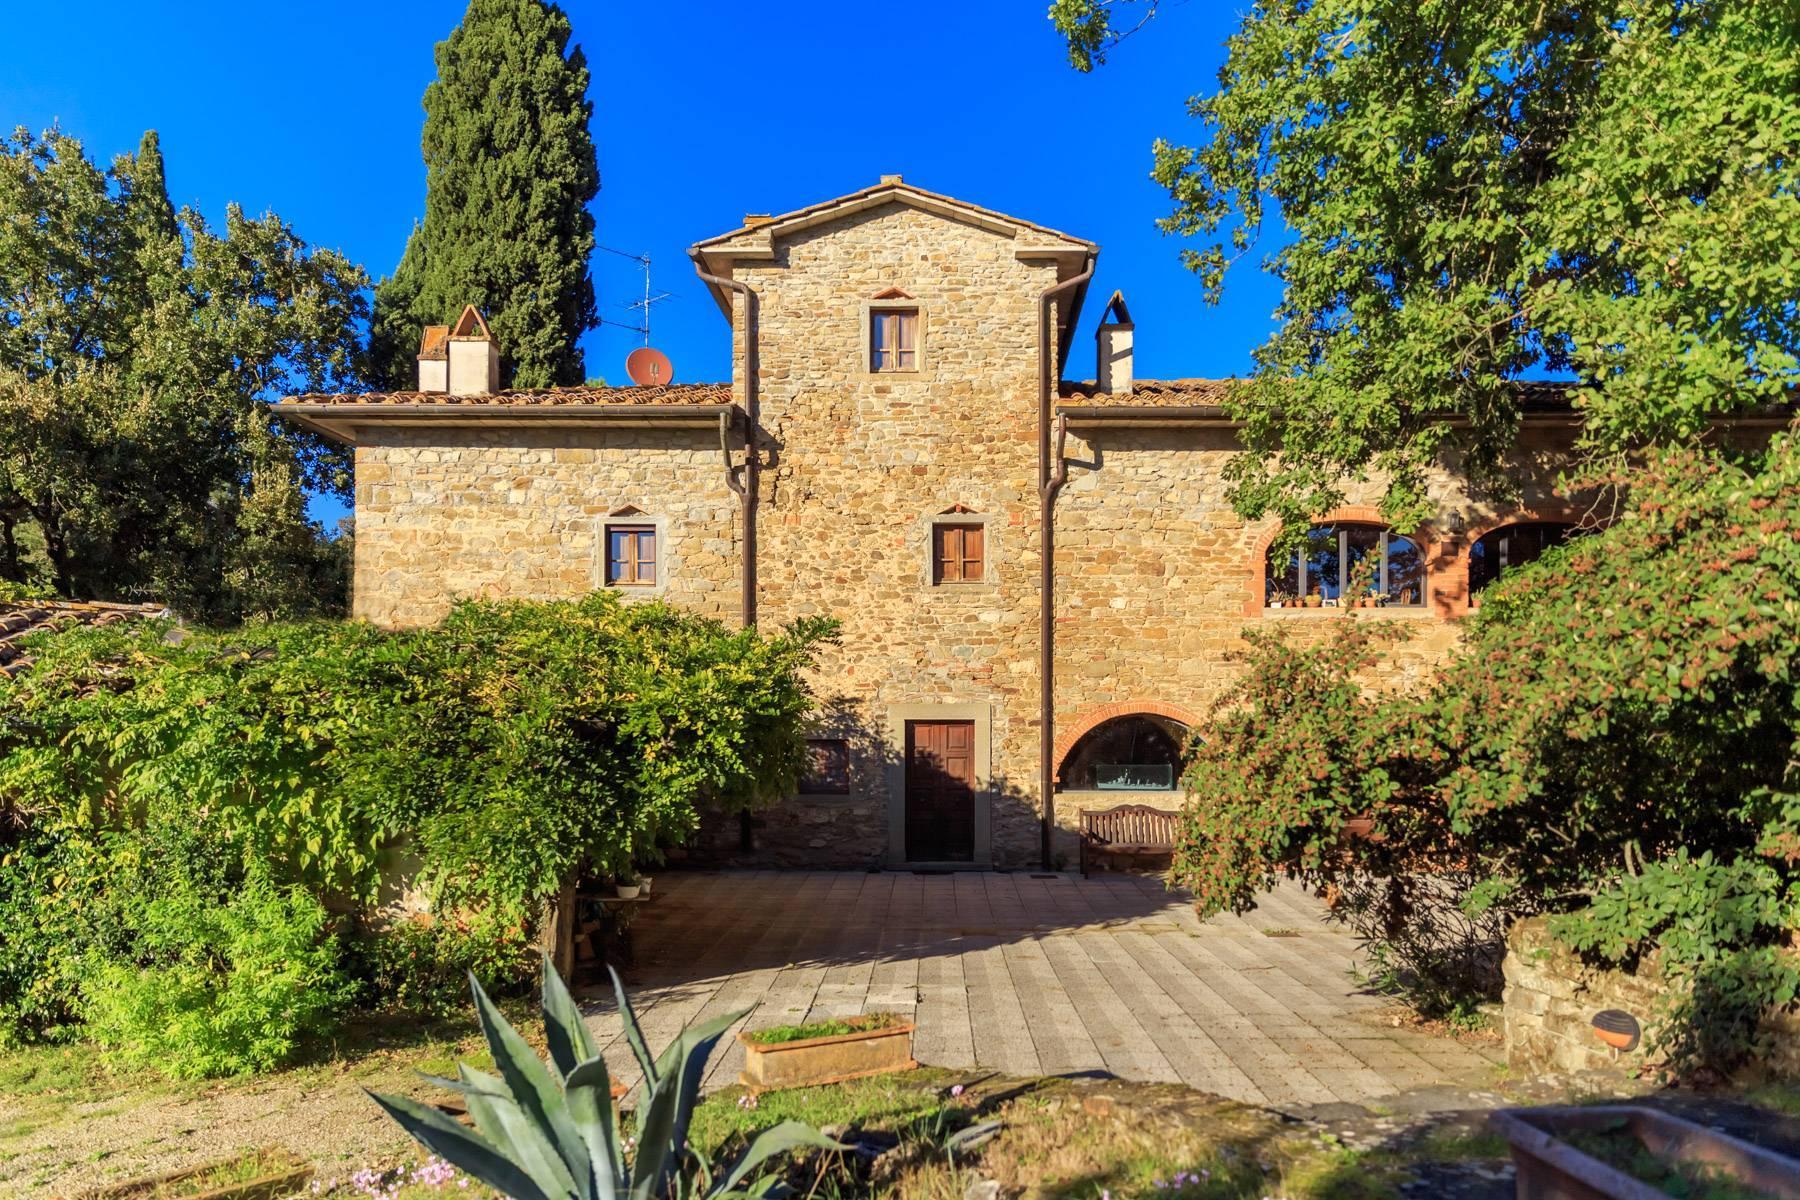 Villa historique dans la campagne toscane - 1